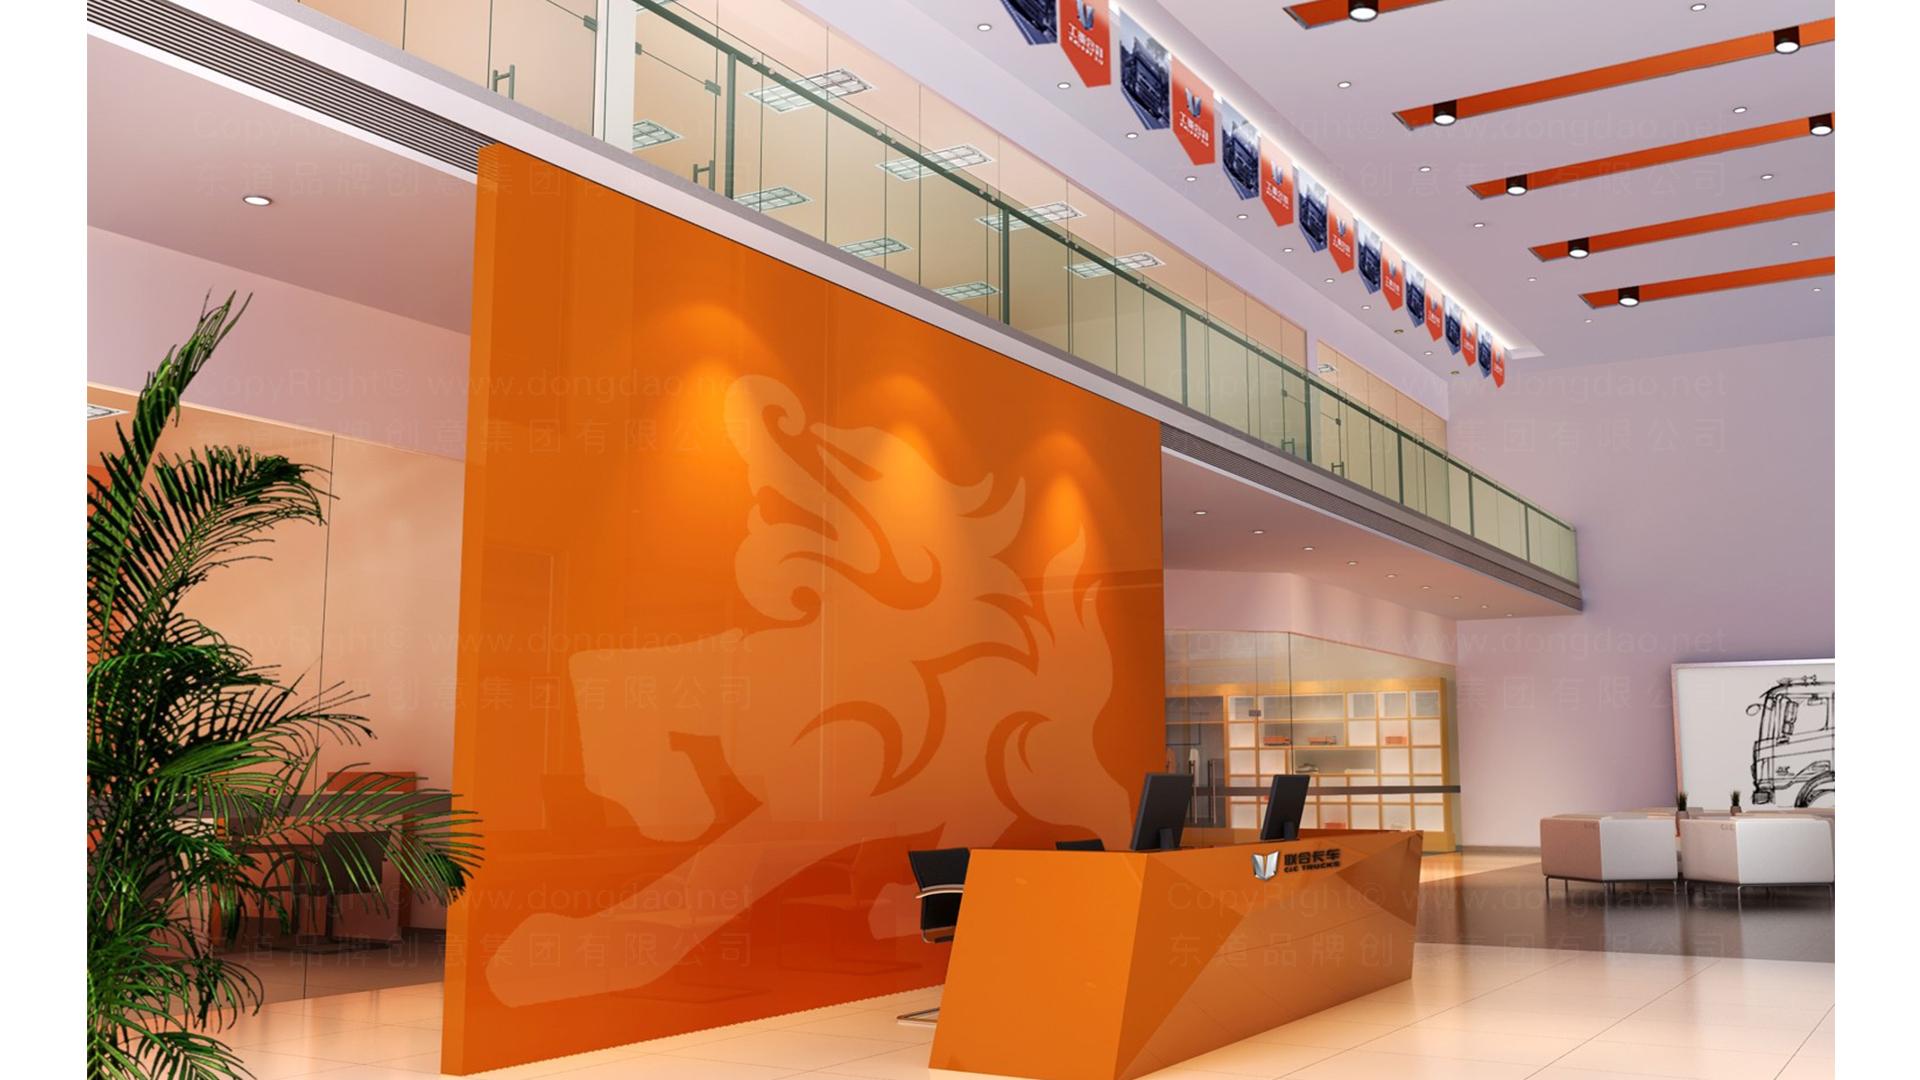 商业空间&导示集瑞联合EI设计应用